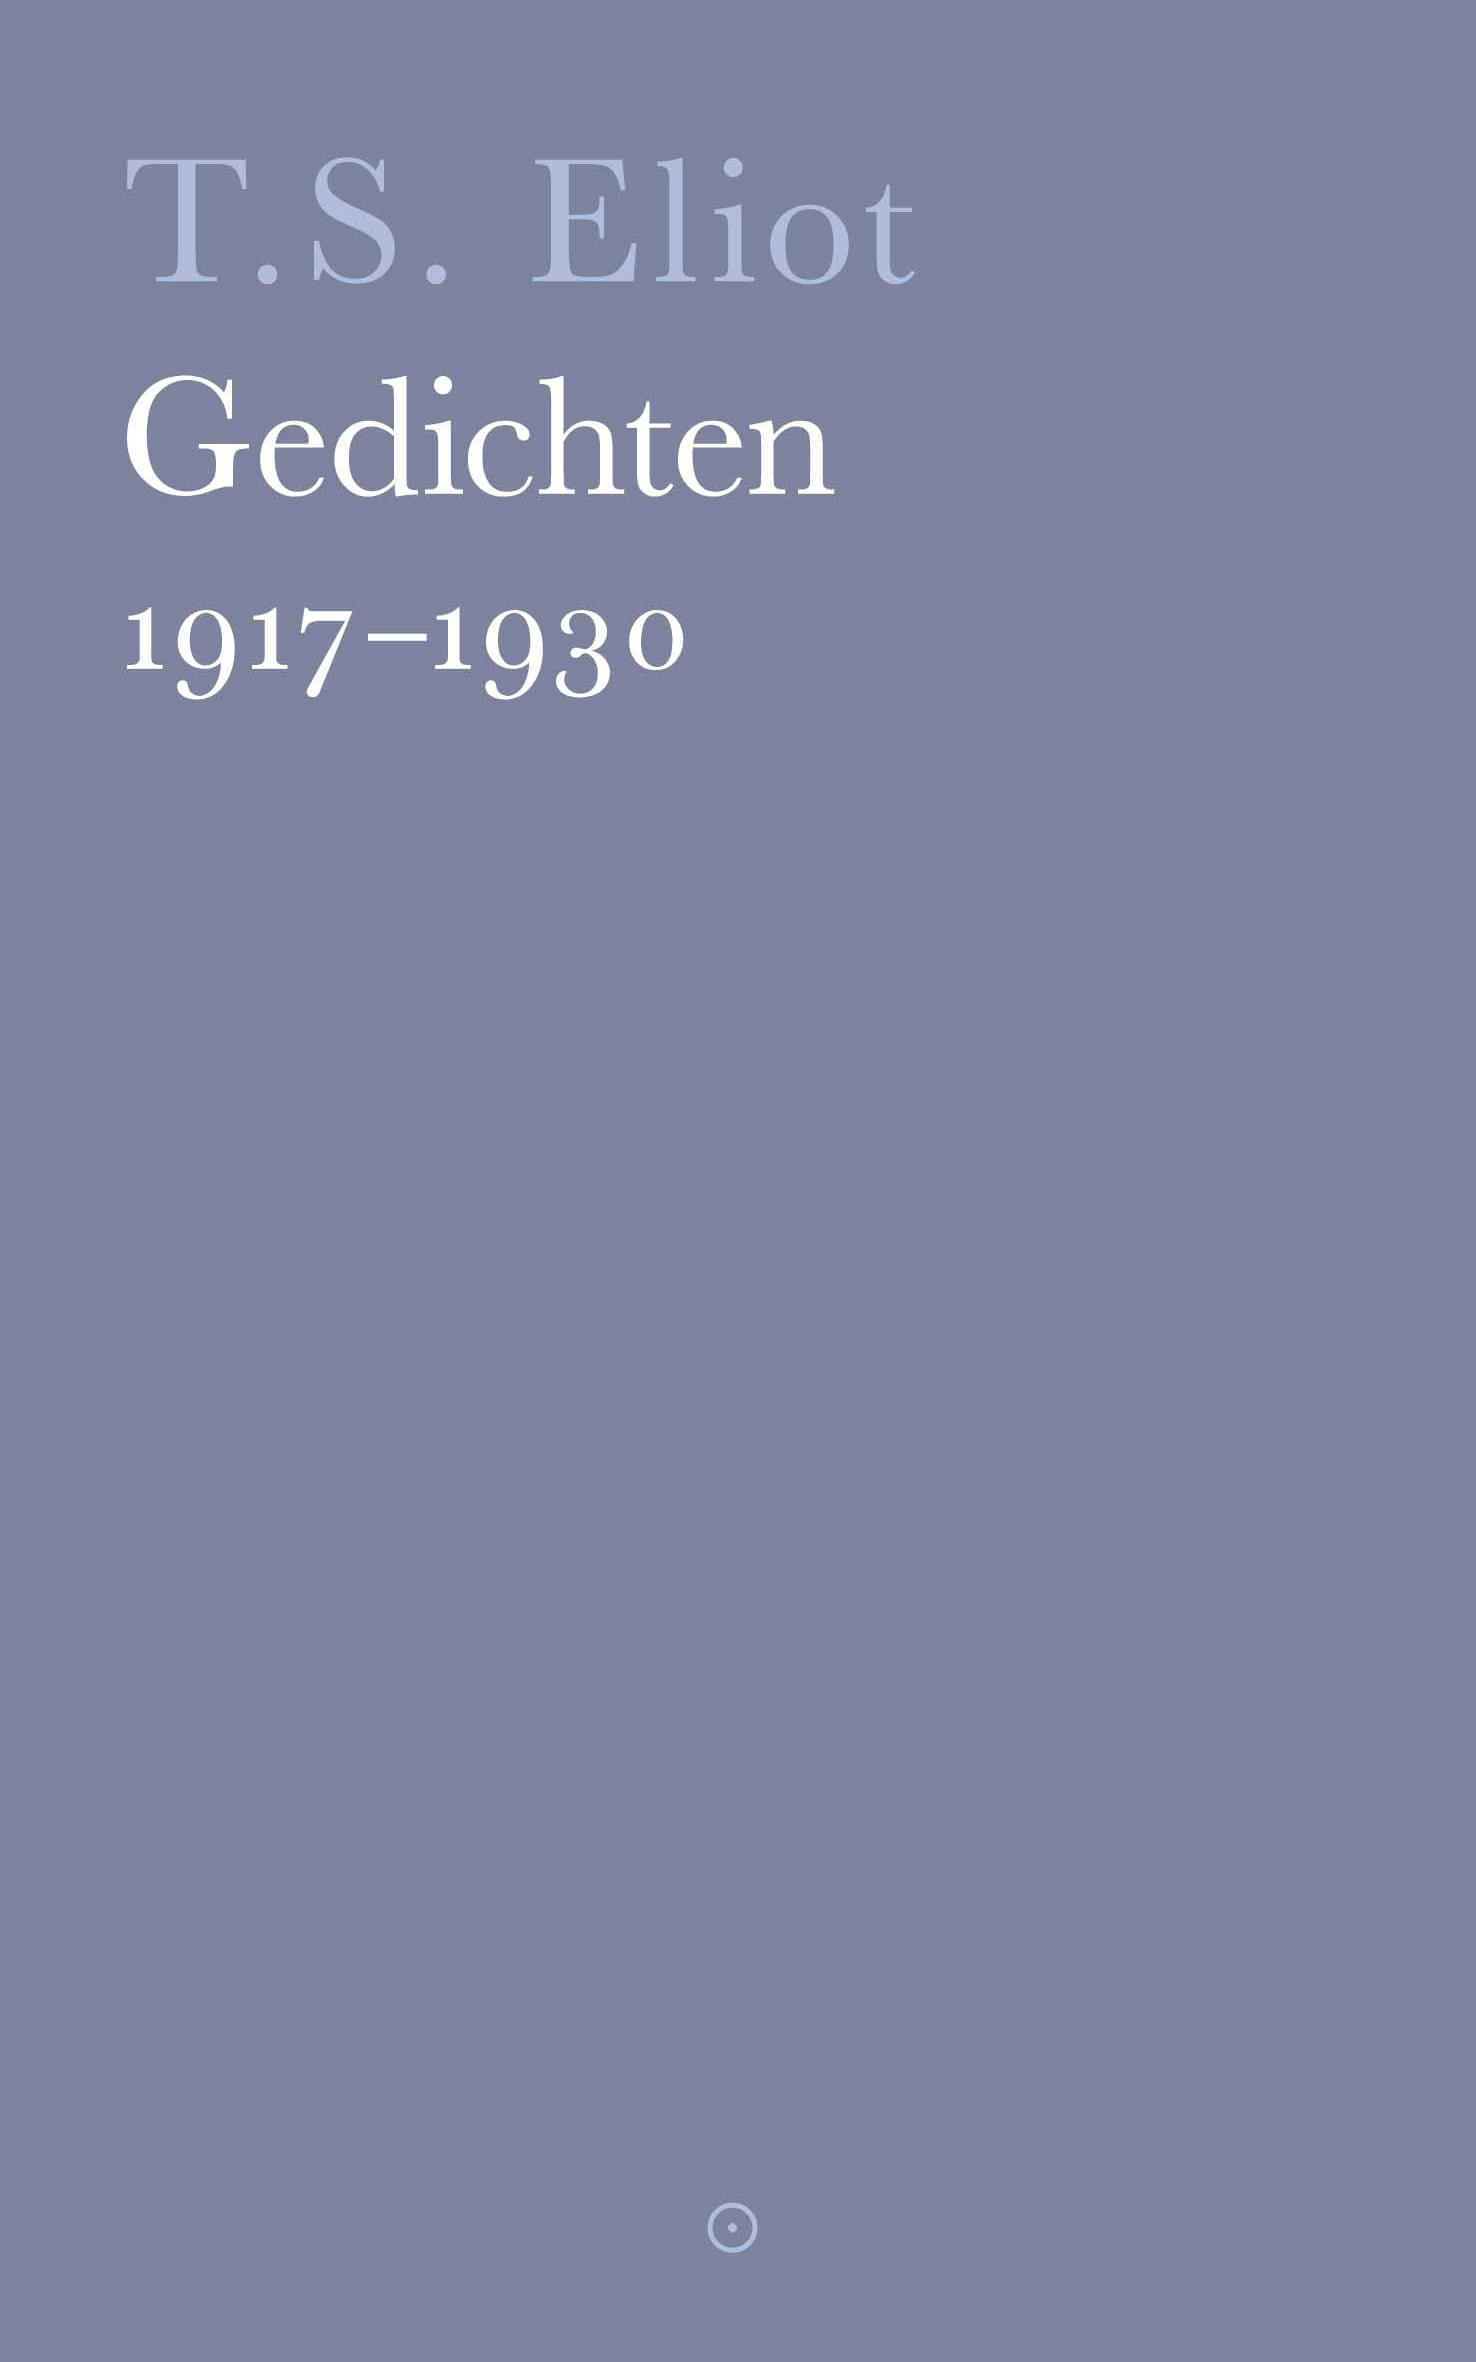 Gedichten 1917 – 1930 – T.S. Eliot